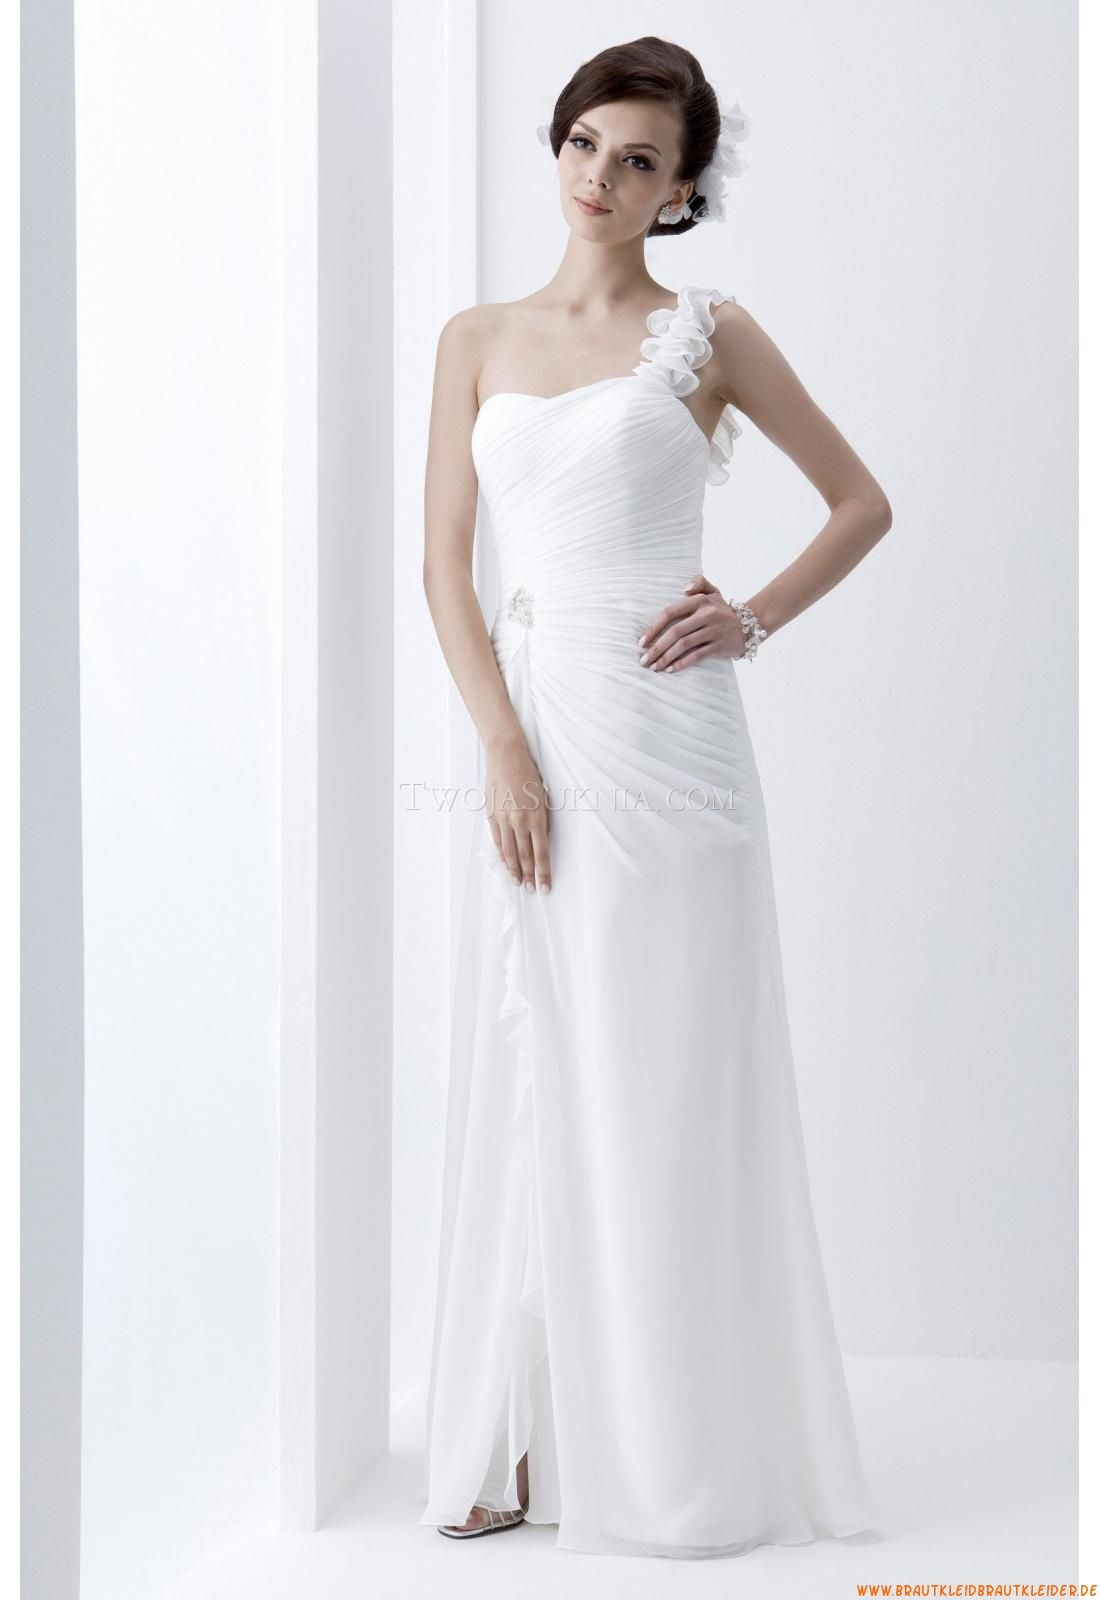 Klassisch Günstige Elegante Brautkleider aus Chiffon   brautkleider ...